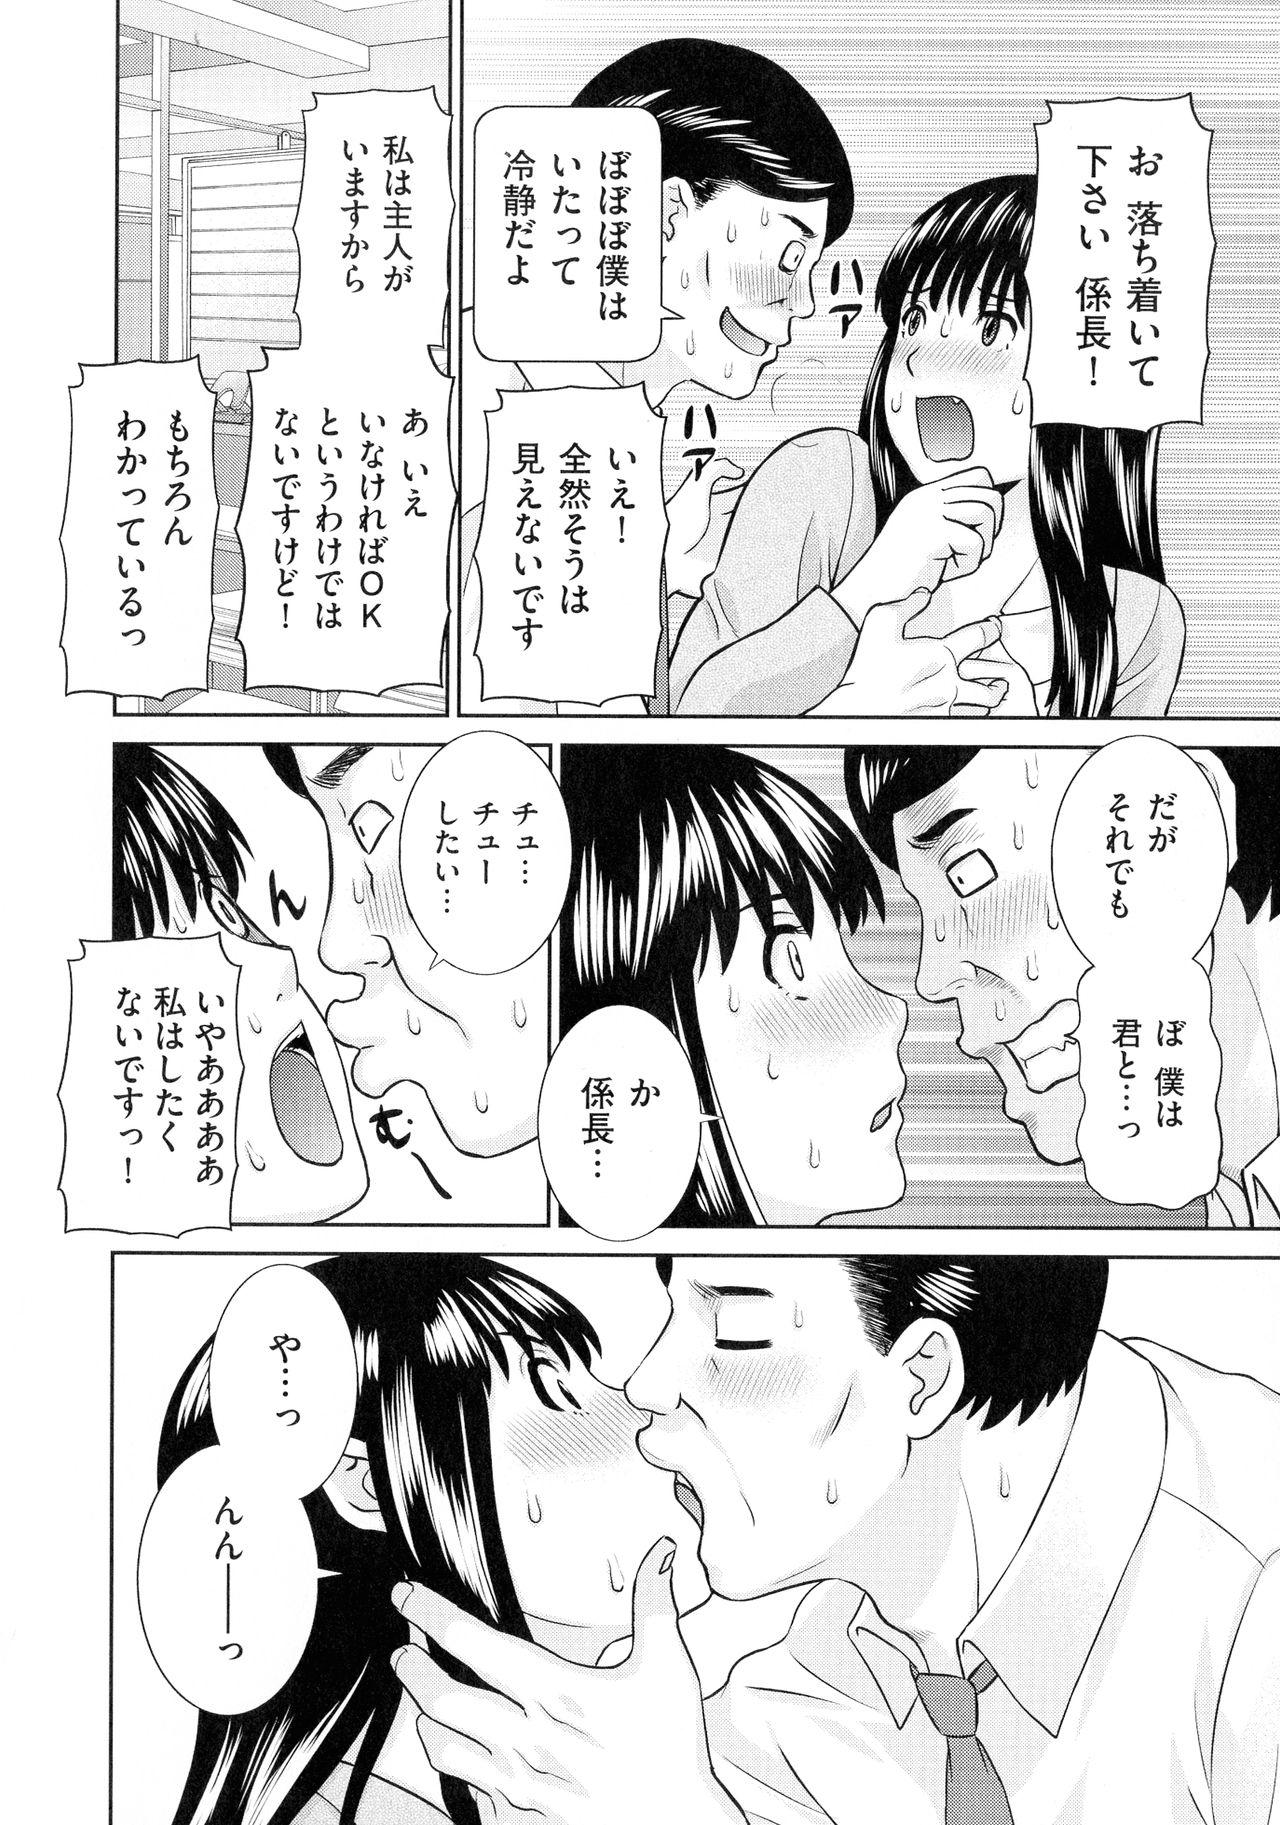 Tennen Torokeru Hatsujozuma 172